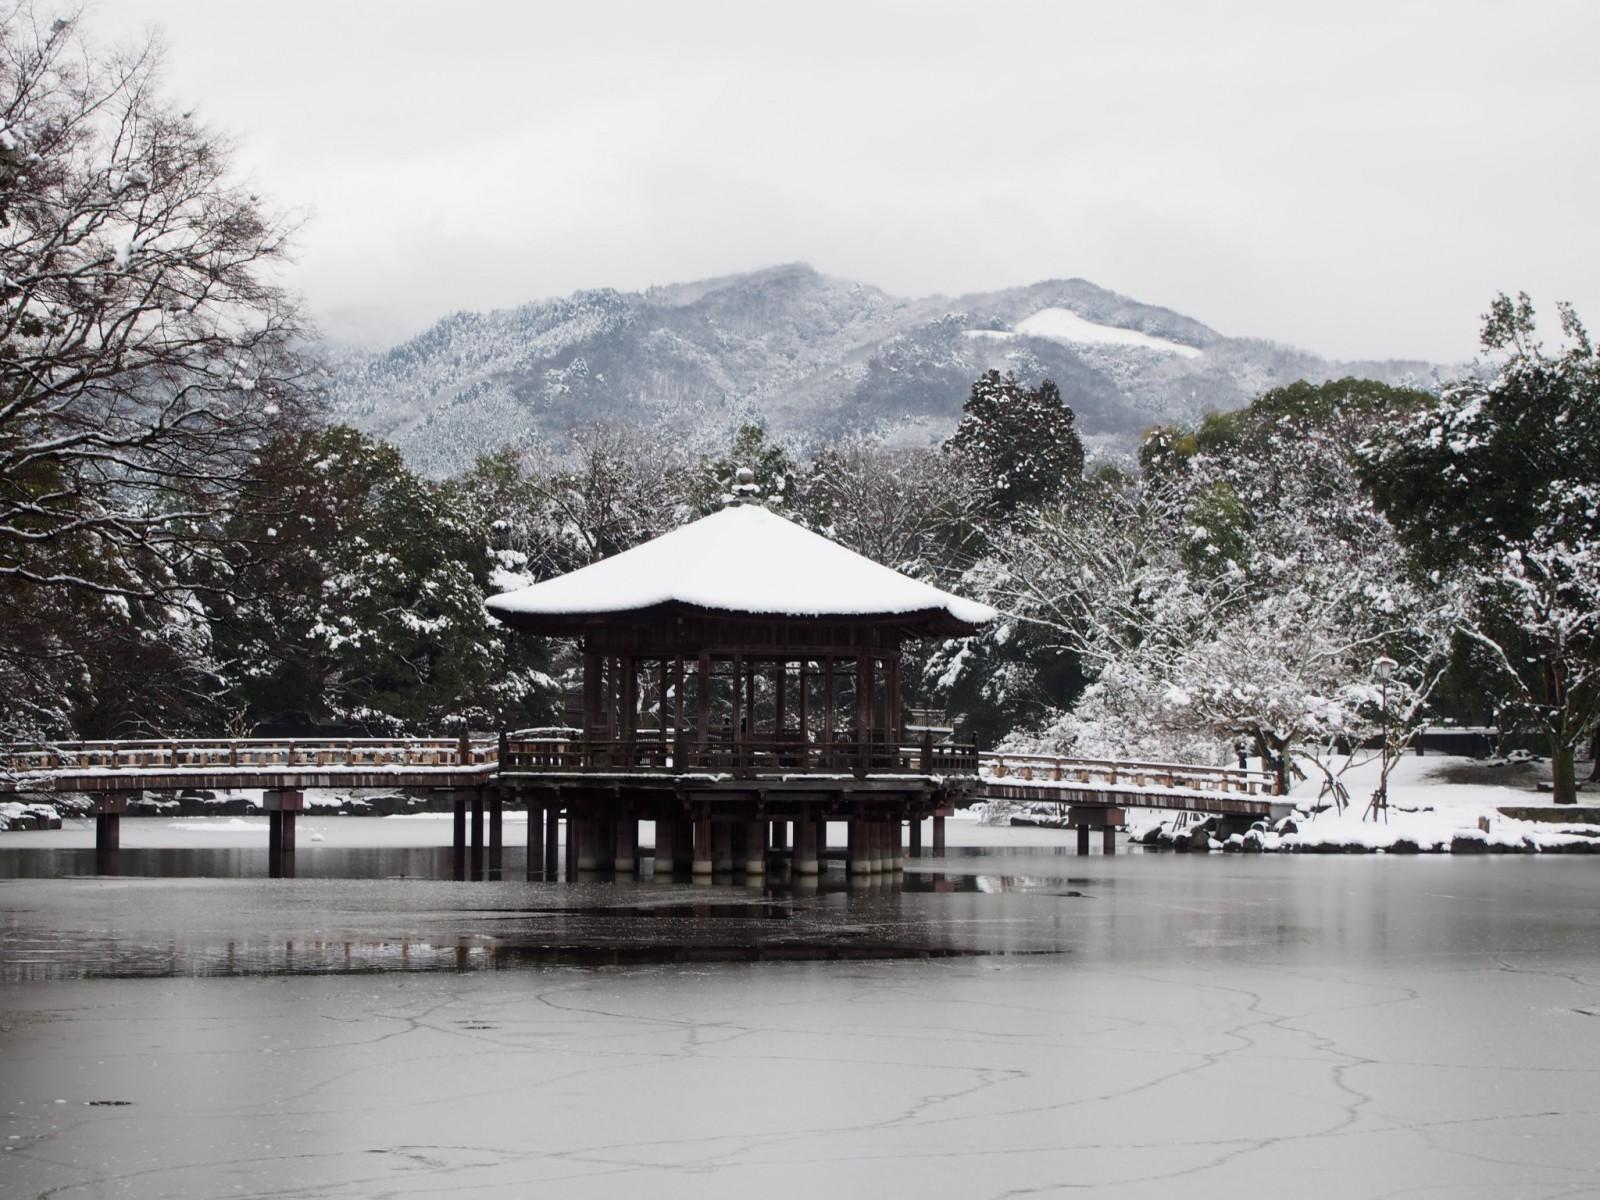 雪景色の浮見堂と凍結した鷺池の風景